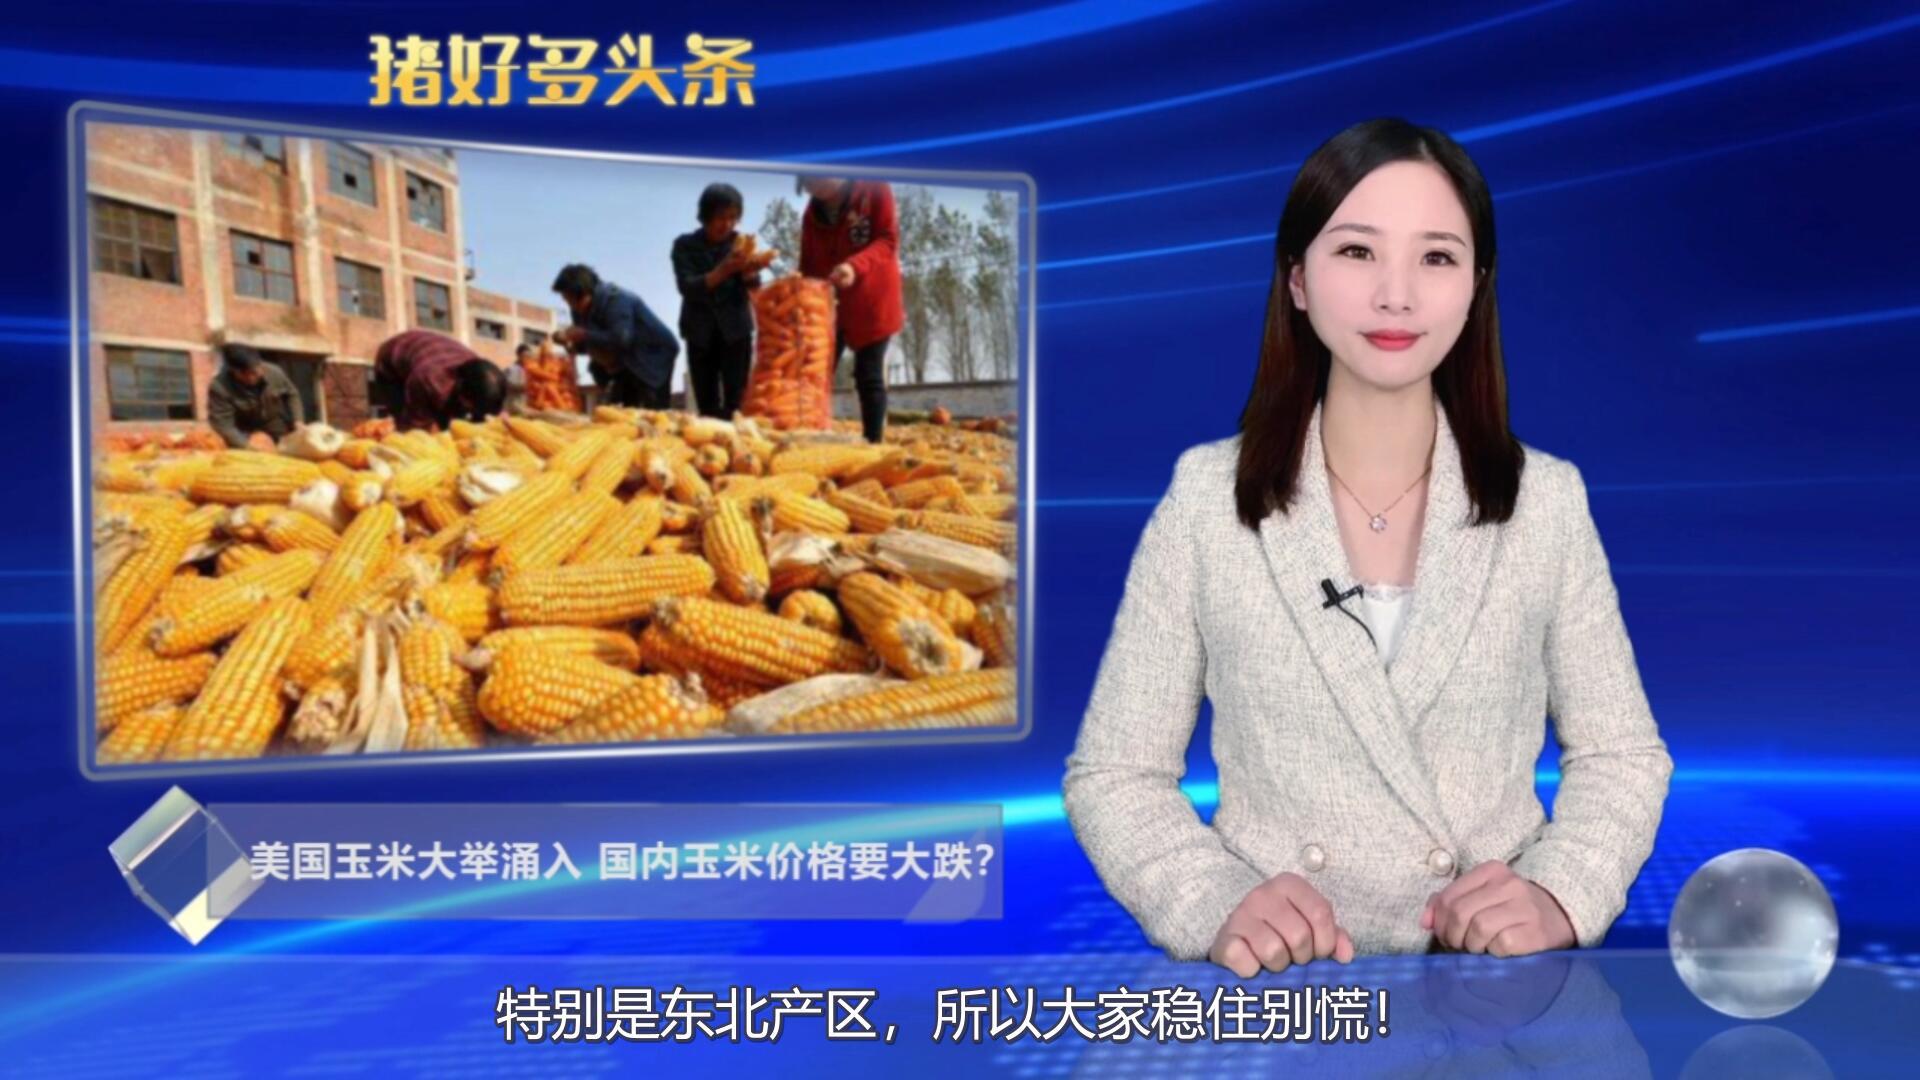 最新消息!美国玉米大举涌入,国内玉米价格要大跌?